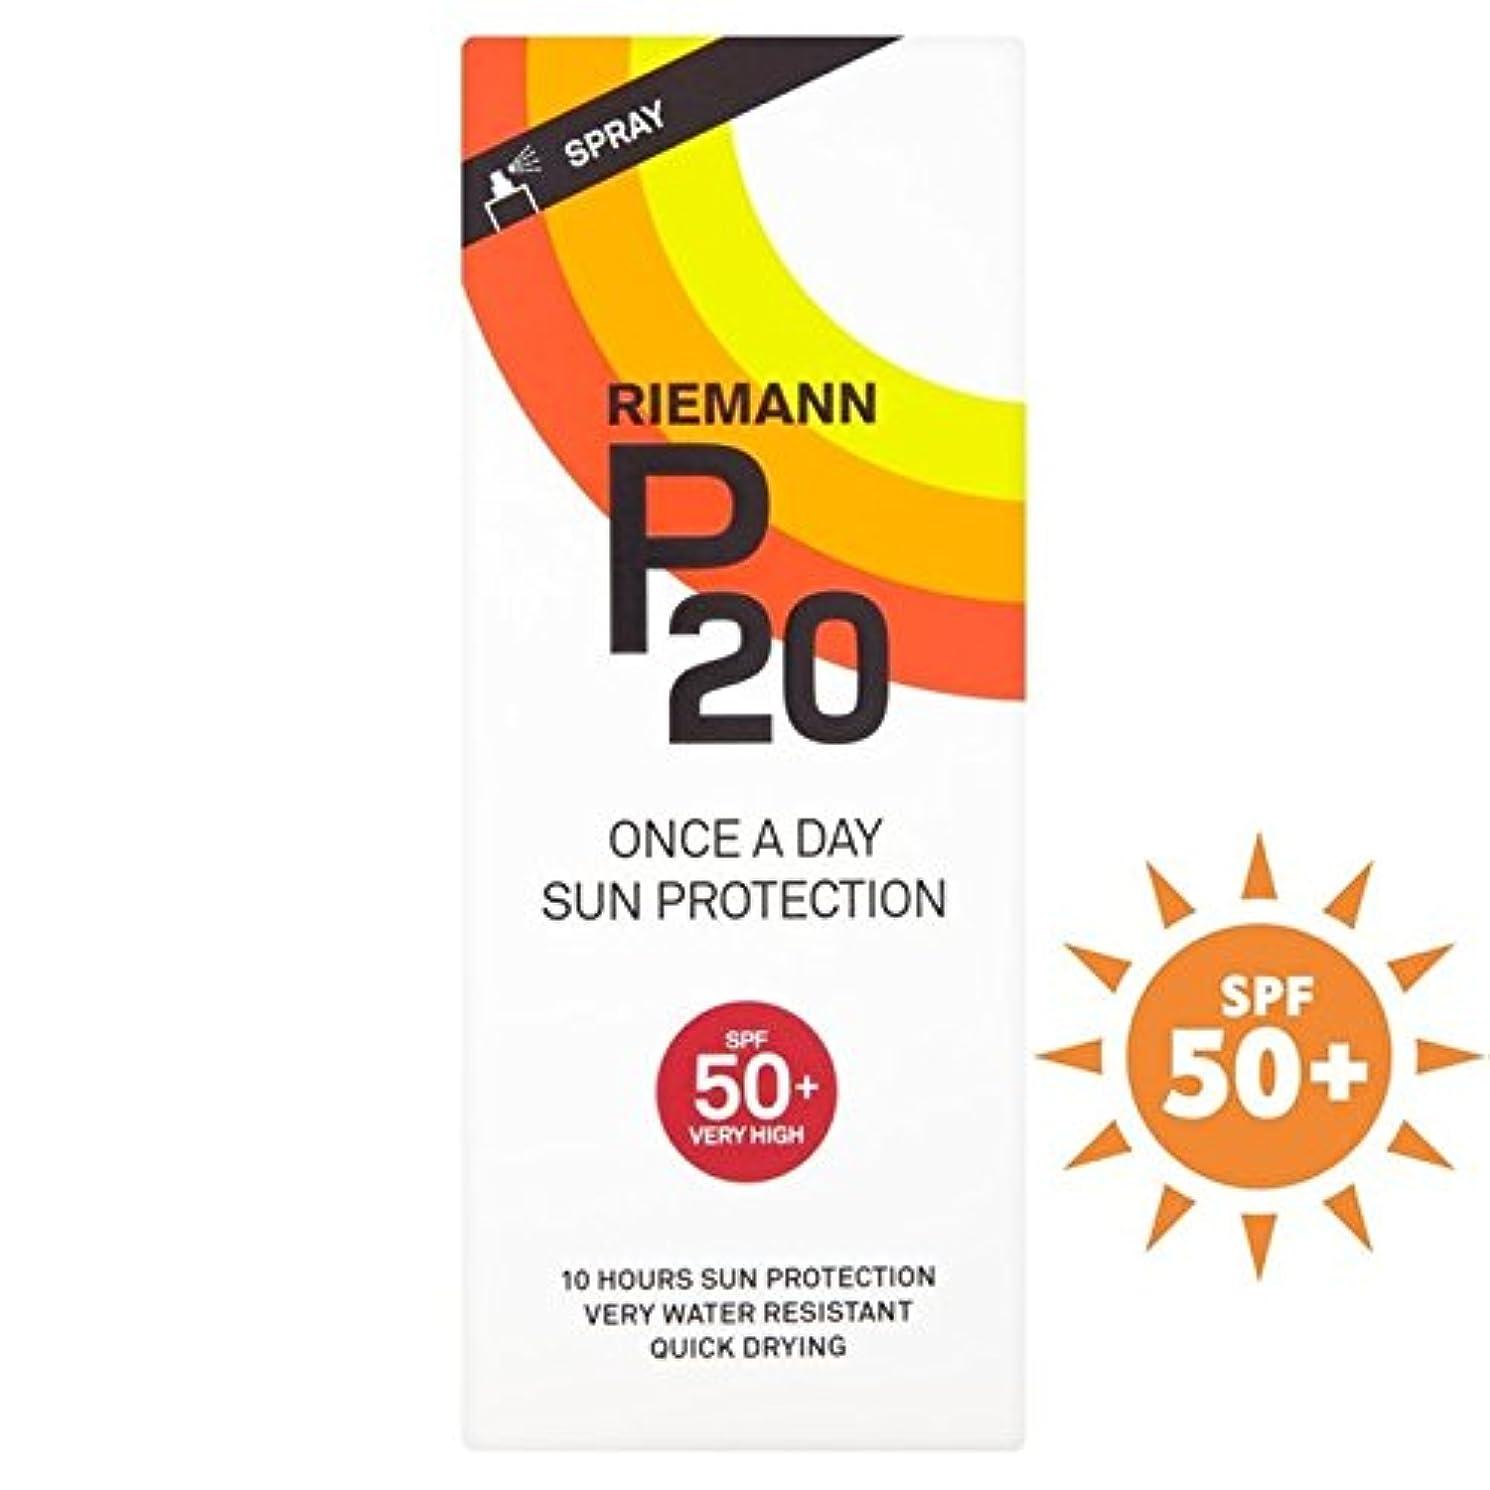 プランテーション打撃衝動Riemann P20 SPF50+ 1 Day/10 Hour Protection 200ml - リーマン20の50 + 1日/ 10時間の保護200ミリリットル [並行輸入品]